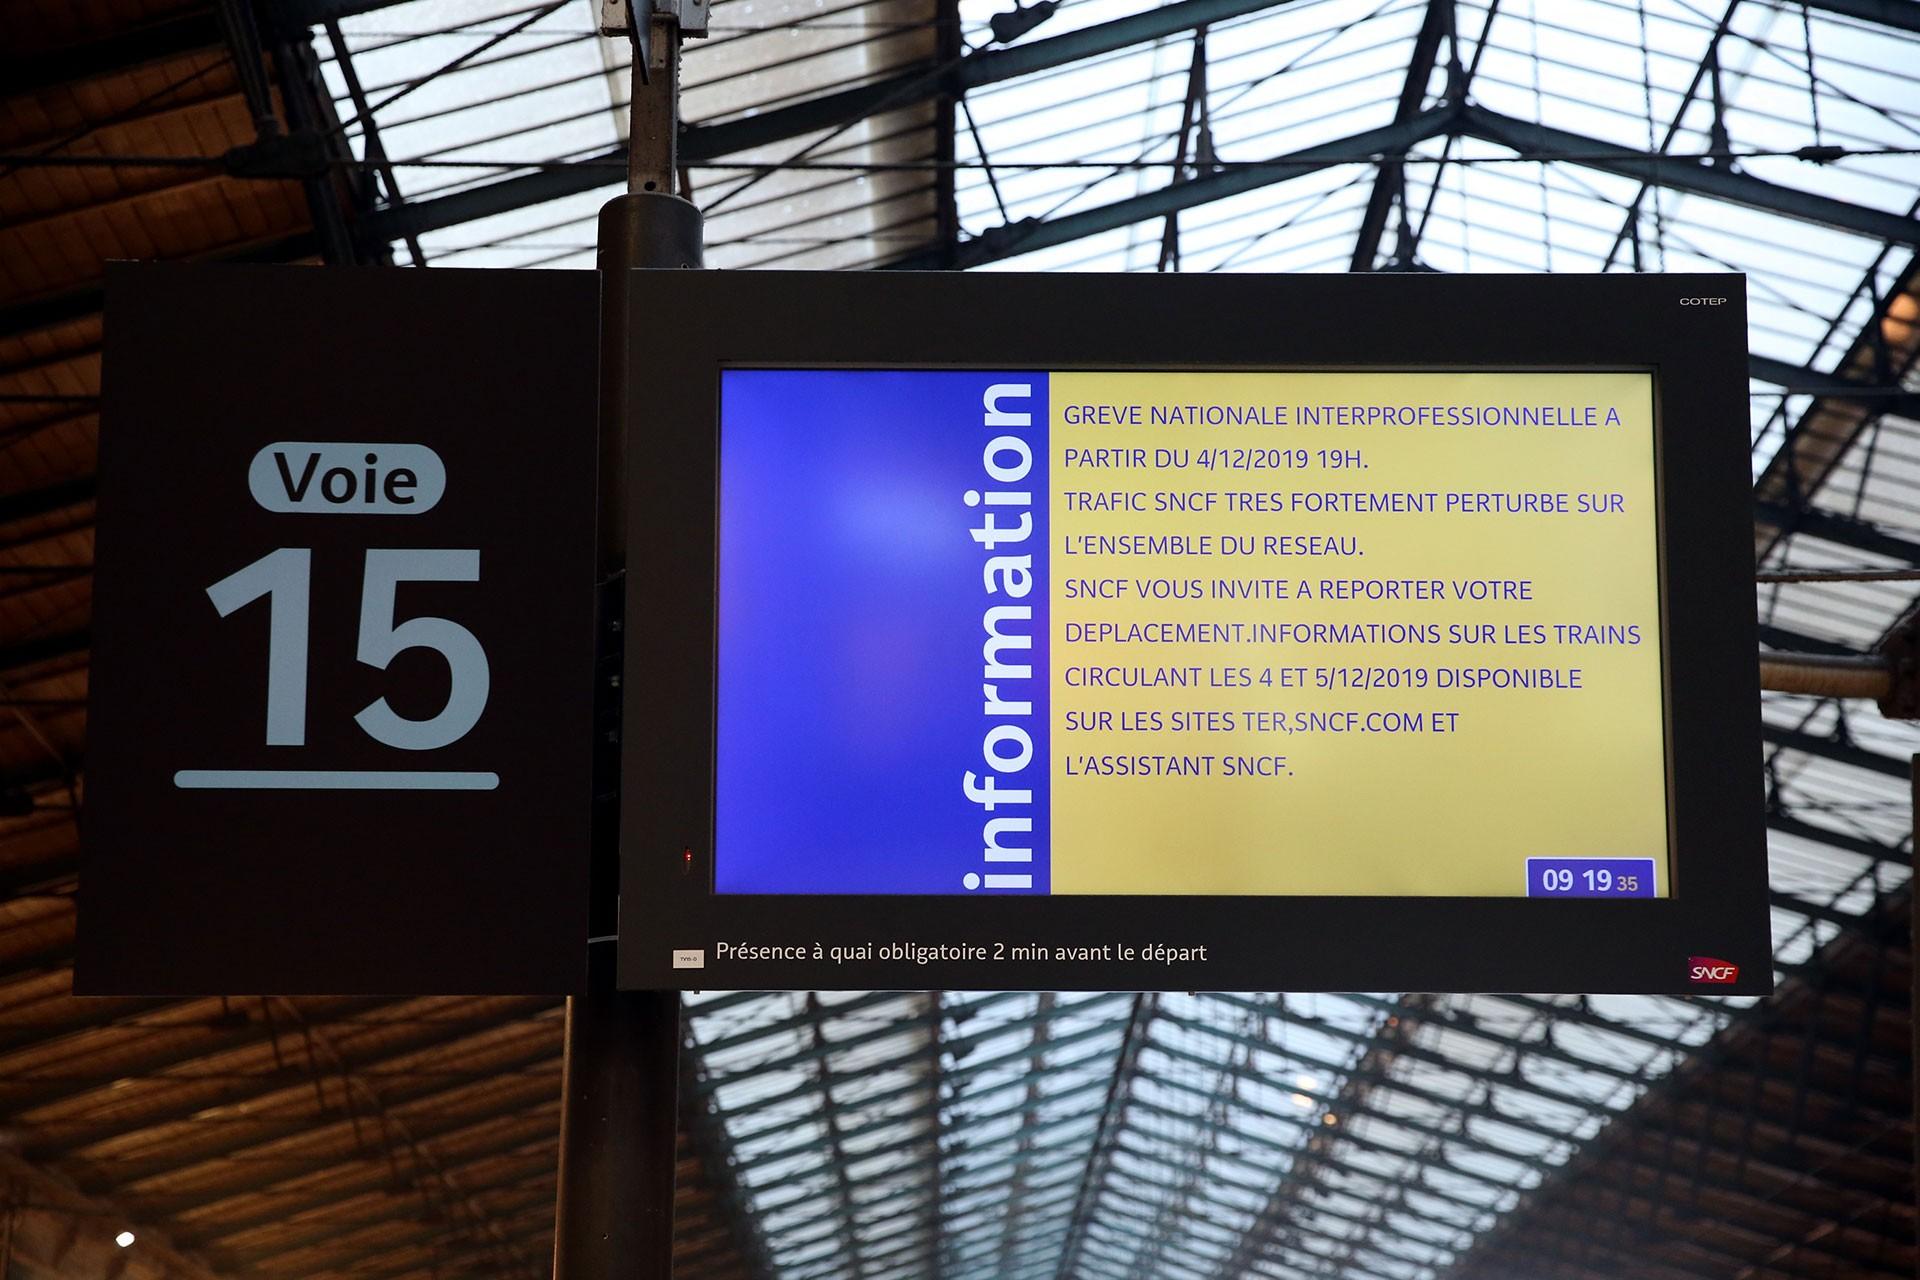 Fransa'da genel grev nedeniyle tren seferleri iptal edildi